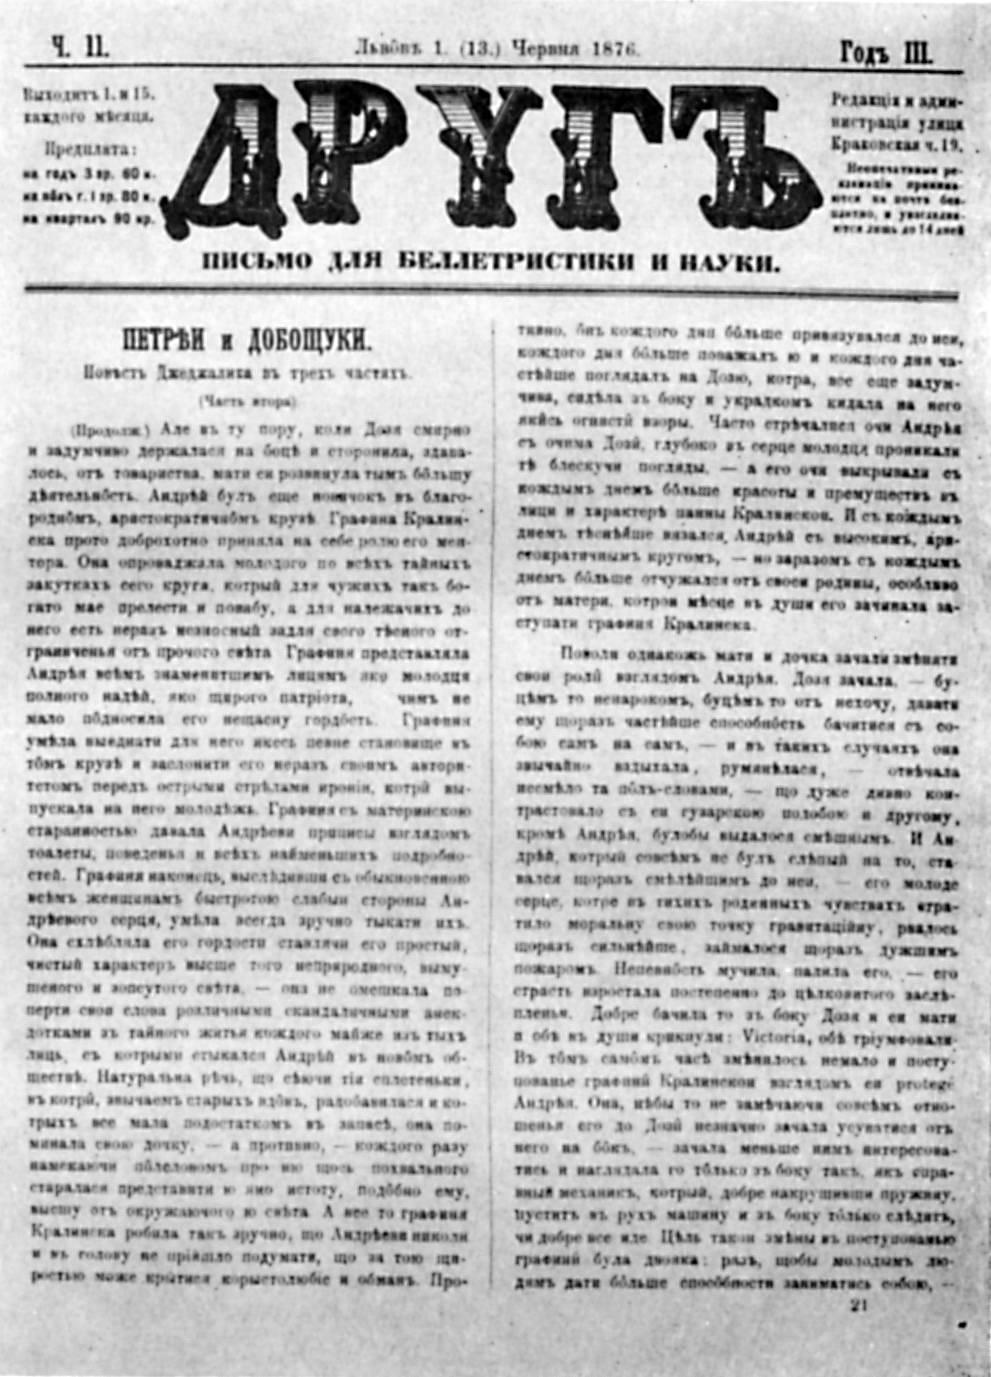 Иван Франко - «Петрии и Довбущуки»…